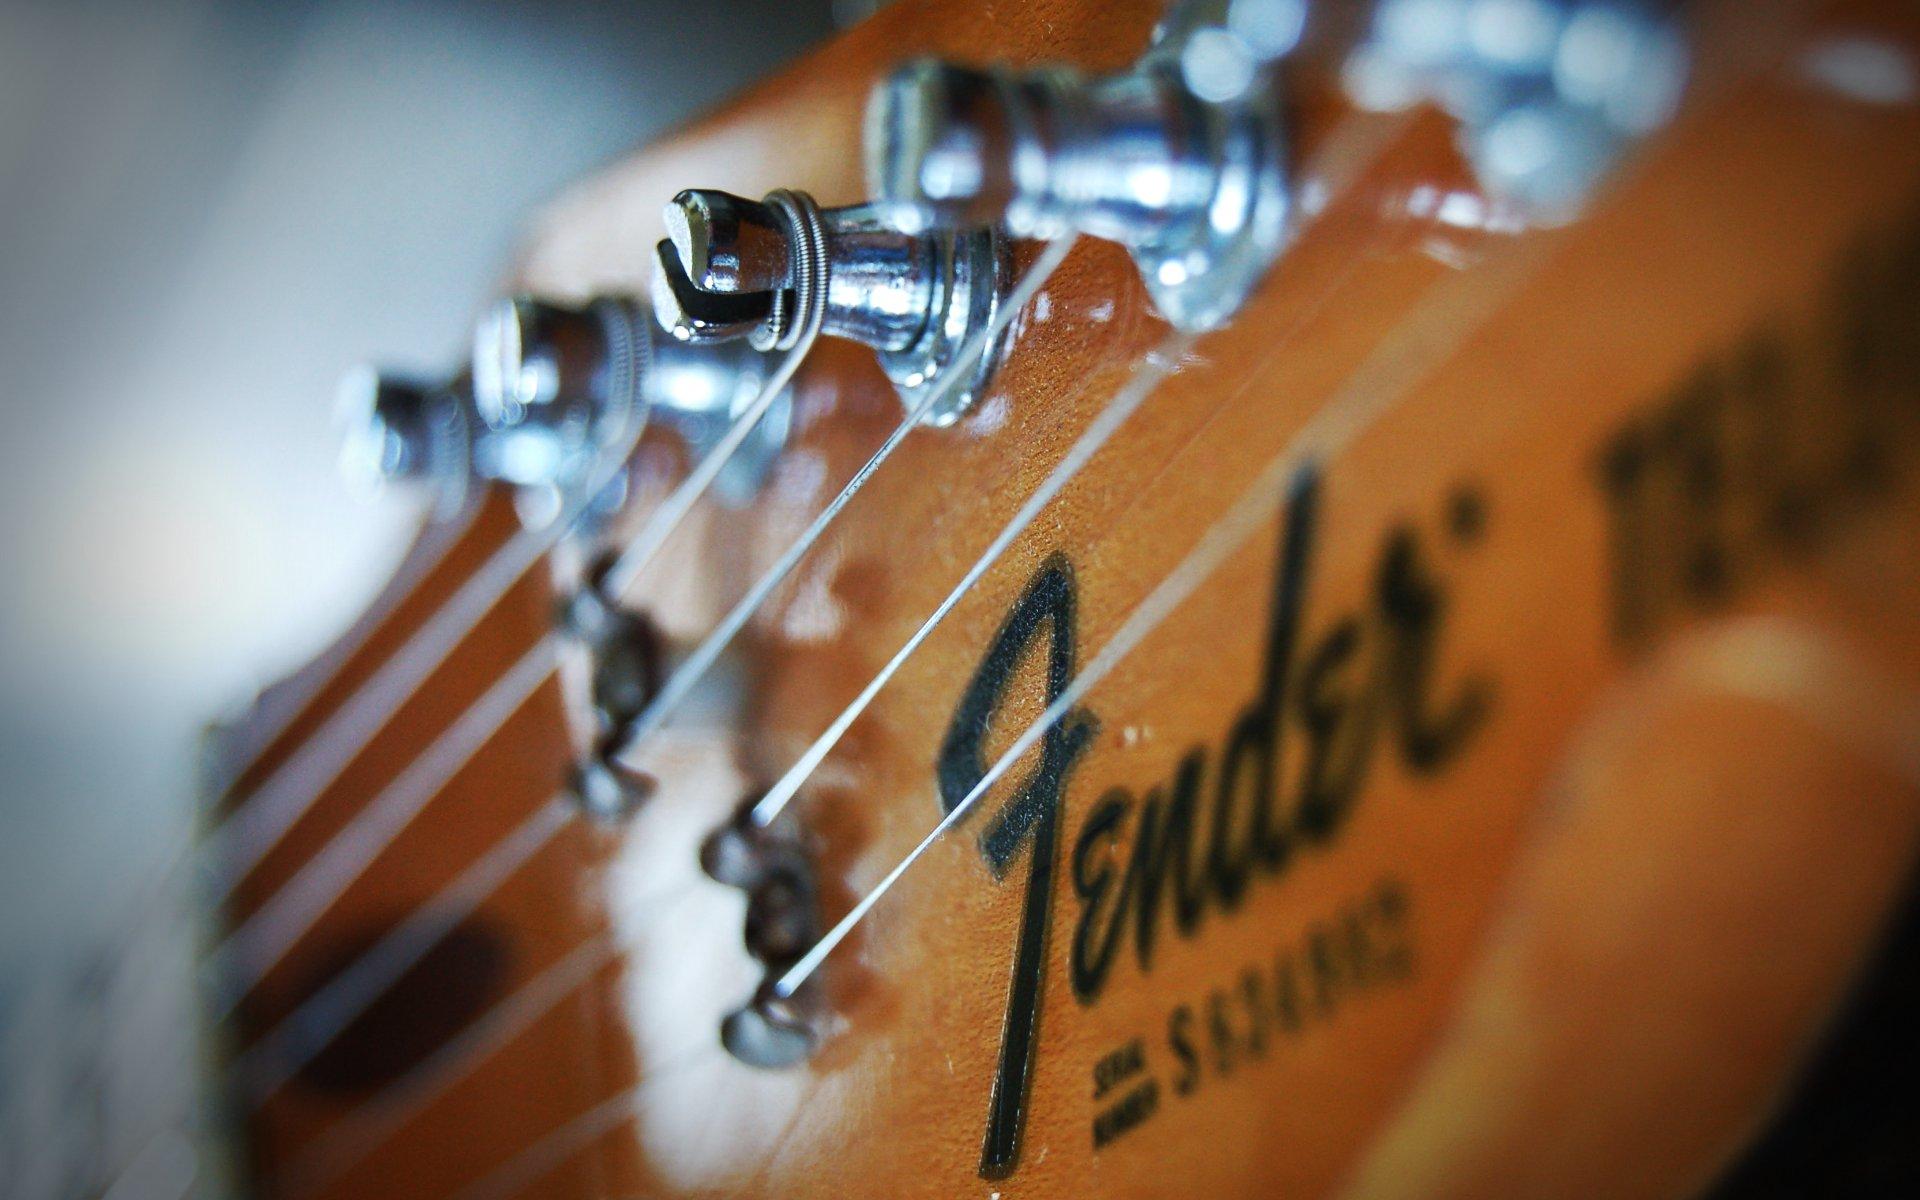 Fender Telecaster Wallpaper 1920x1200